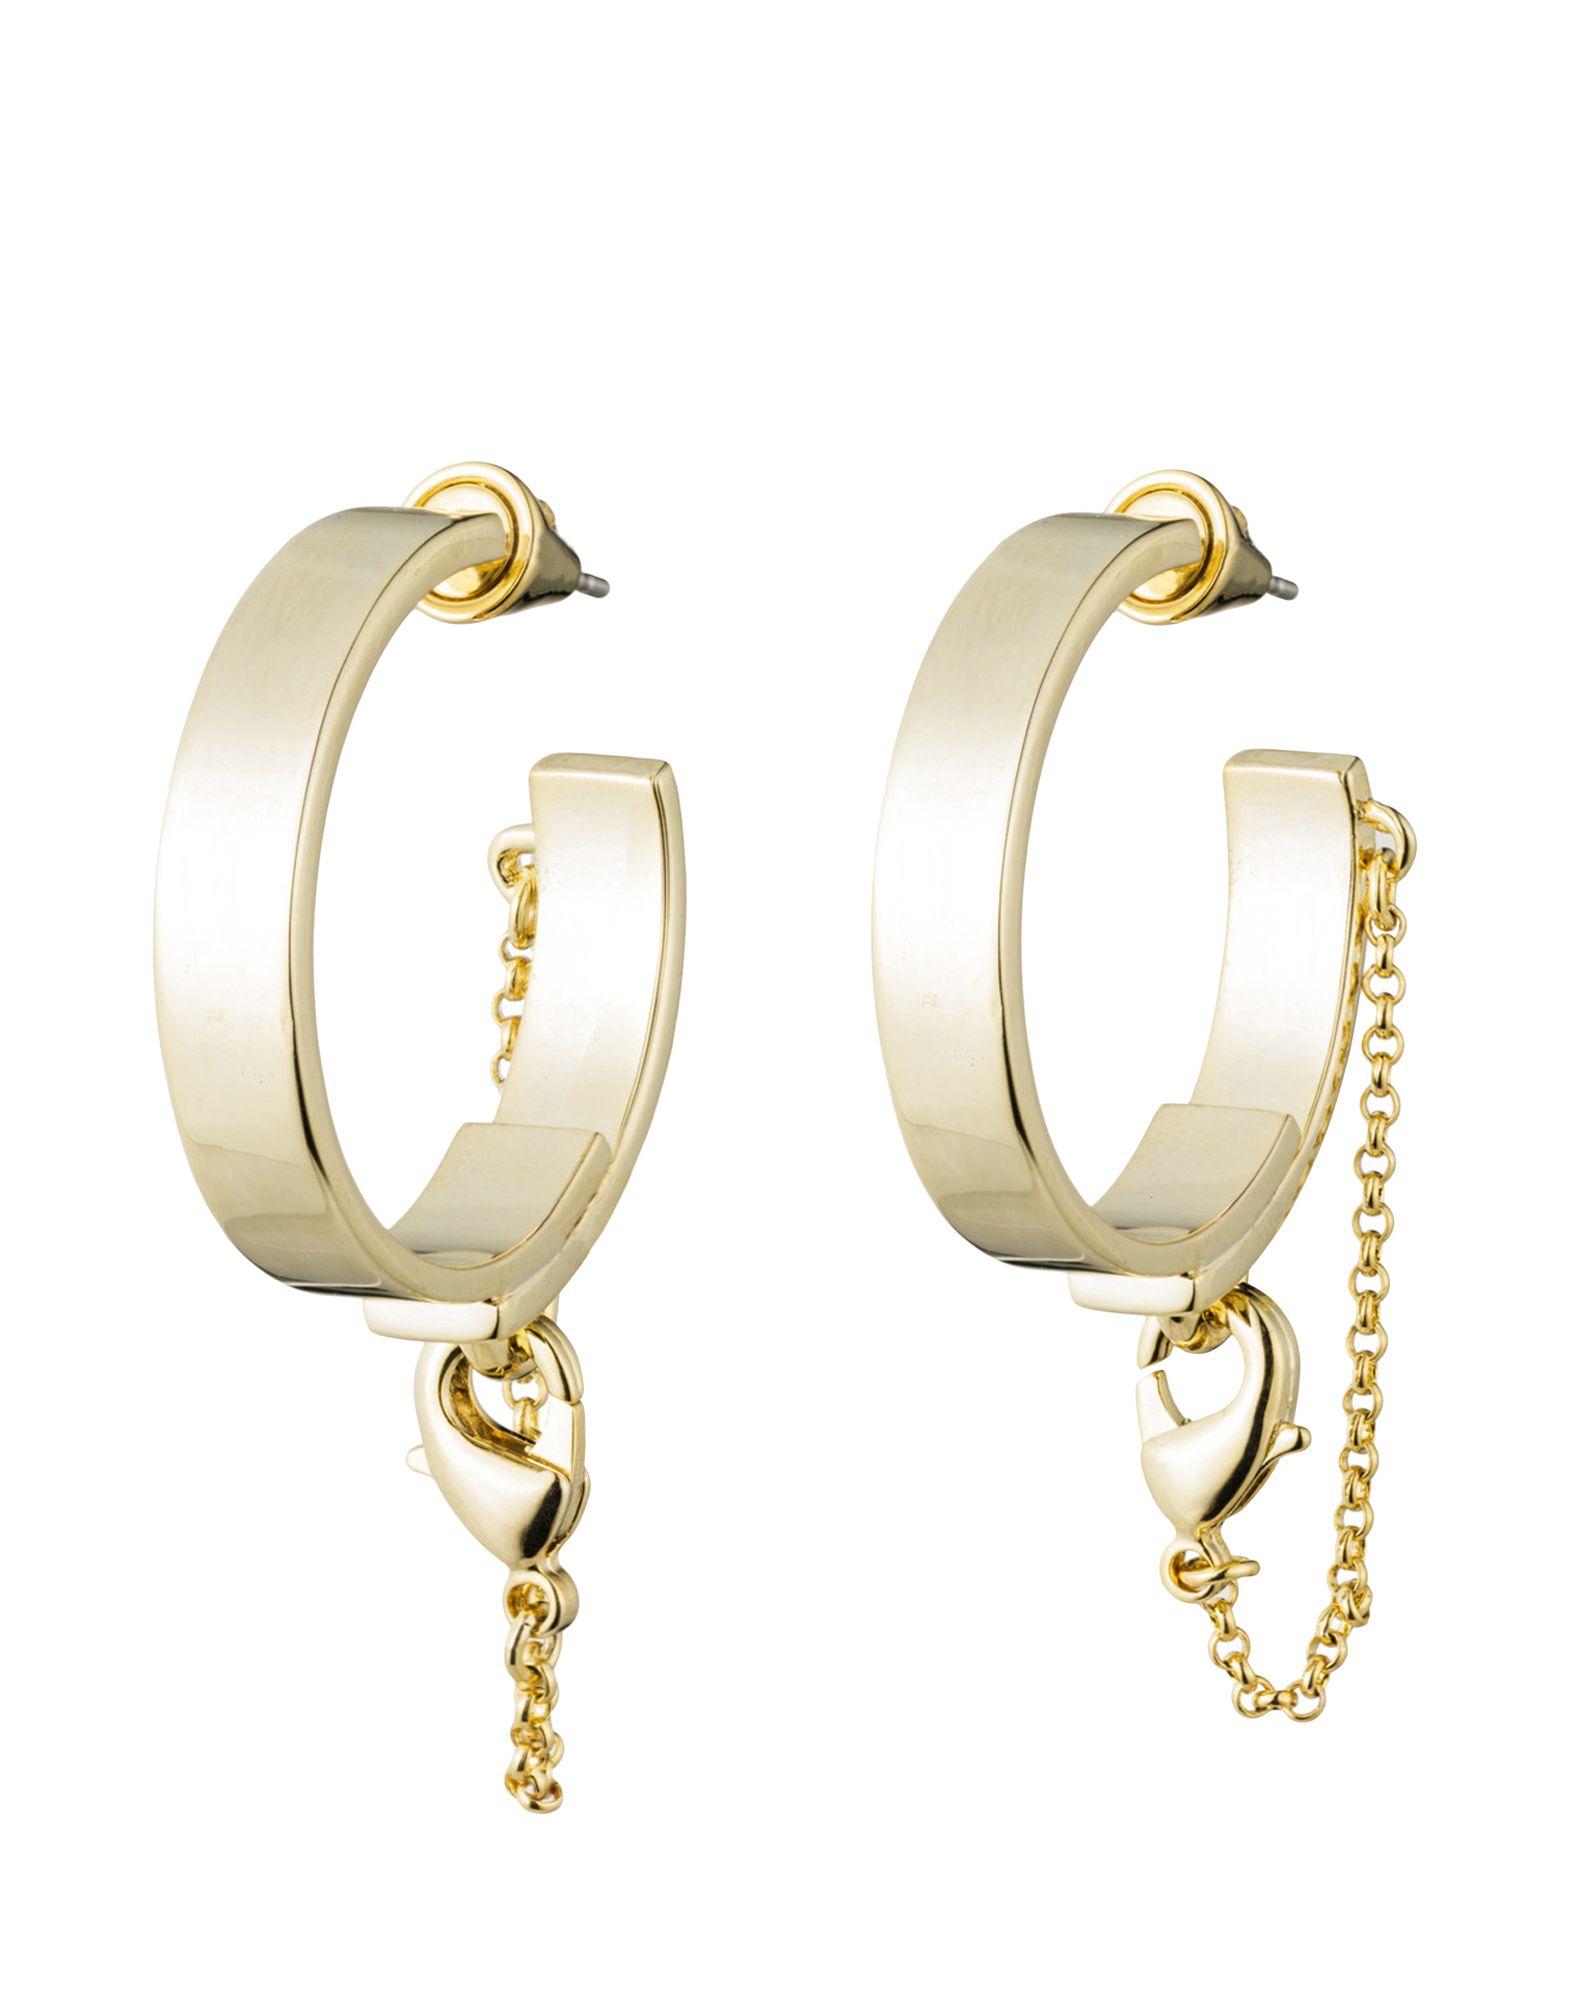 'Eddie Borgo Earrings